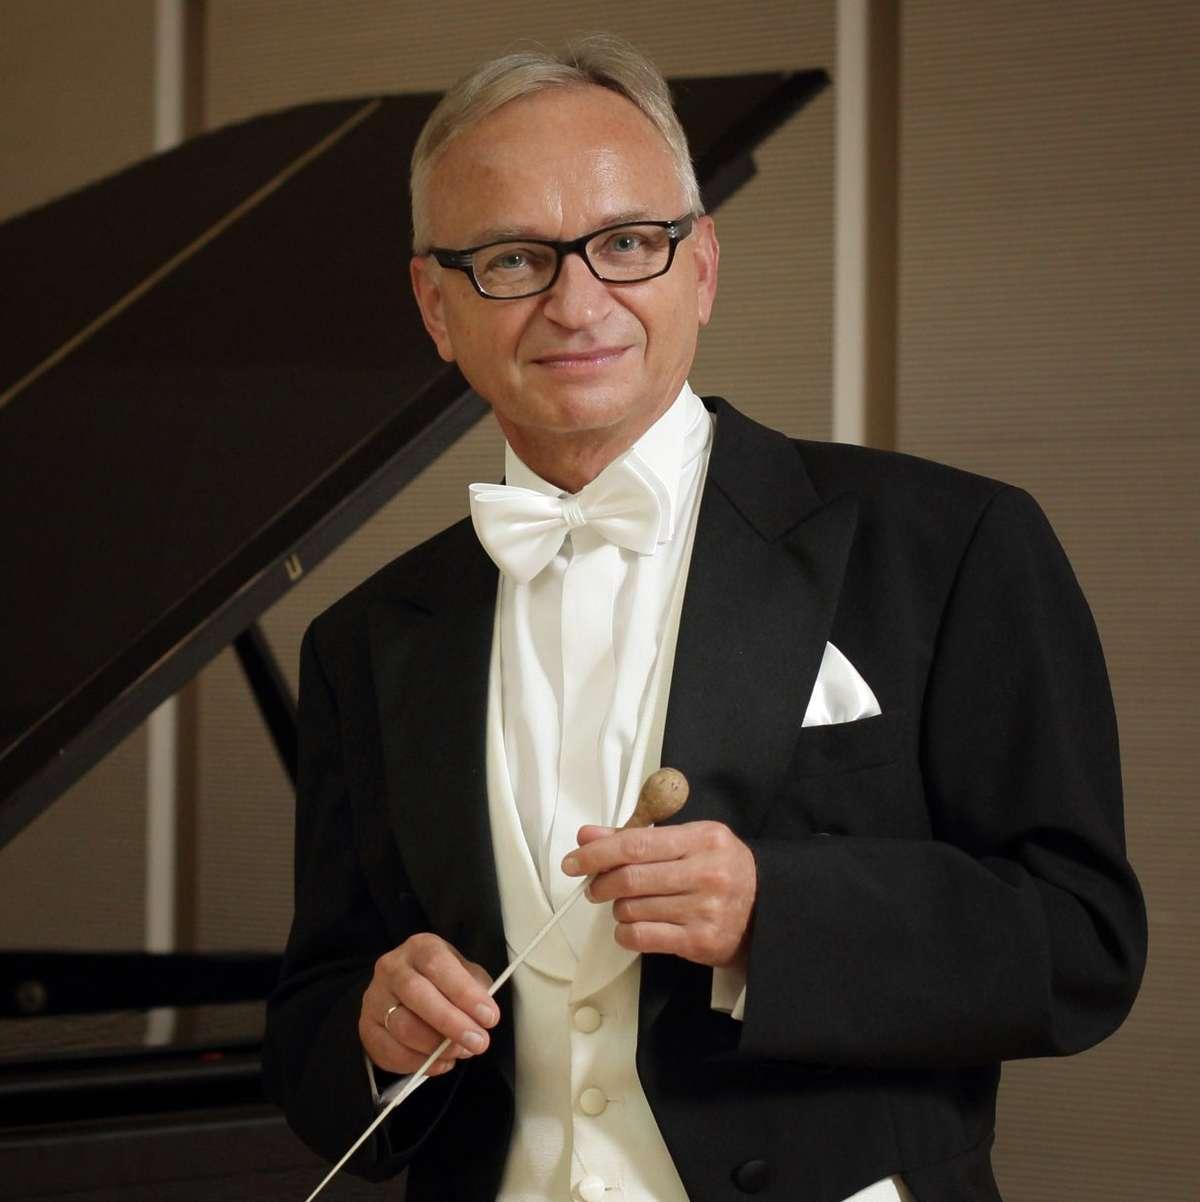 Profesor Benedykt Błoński - full image